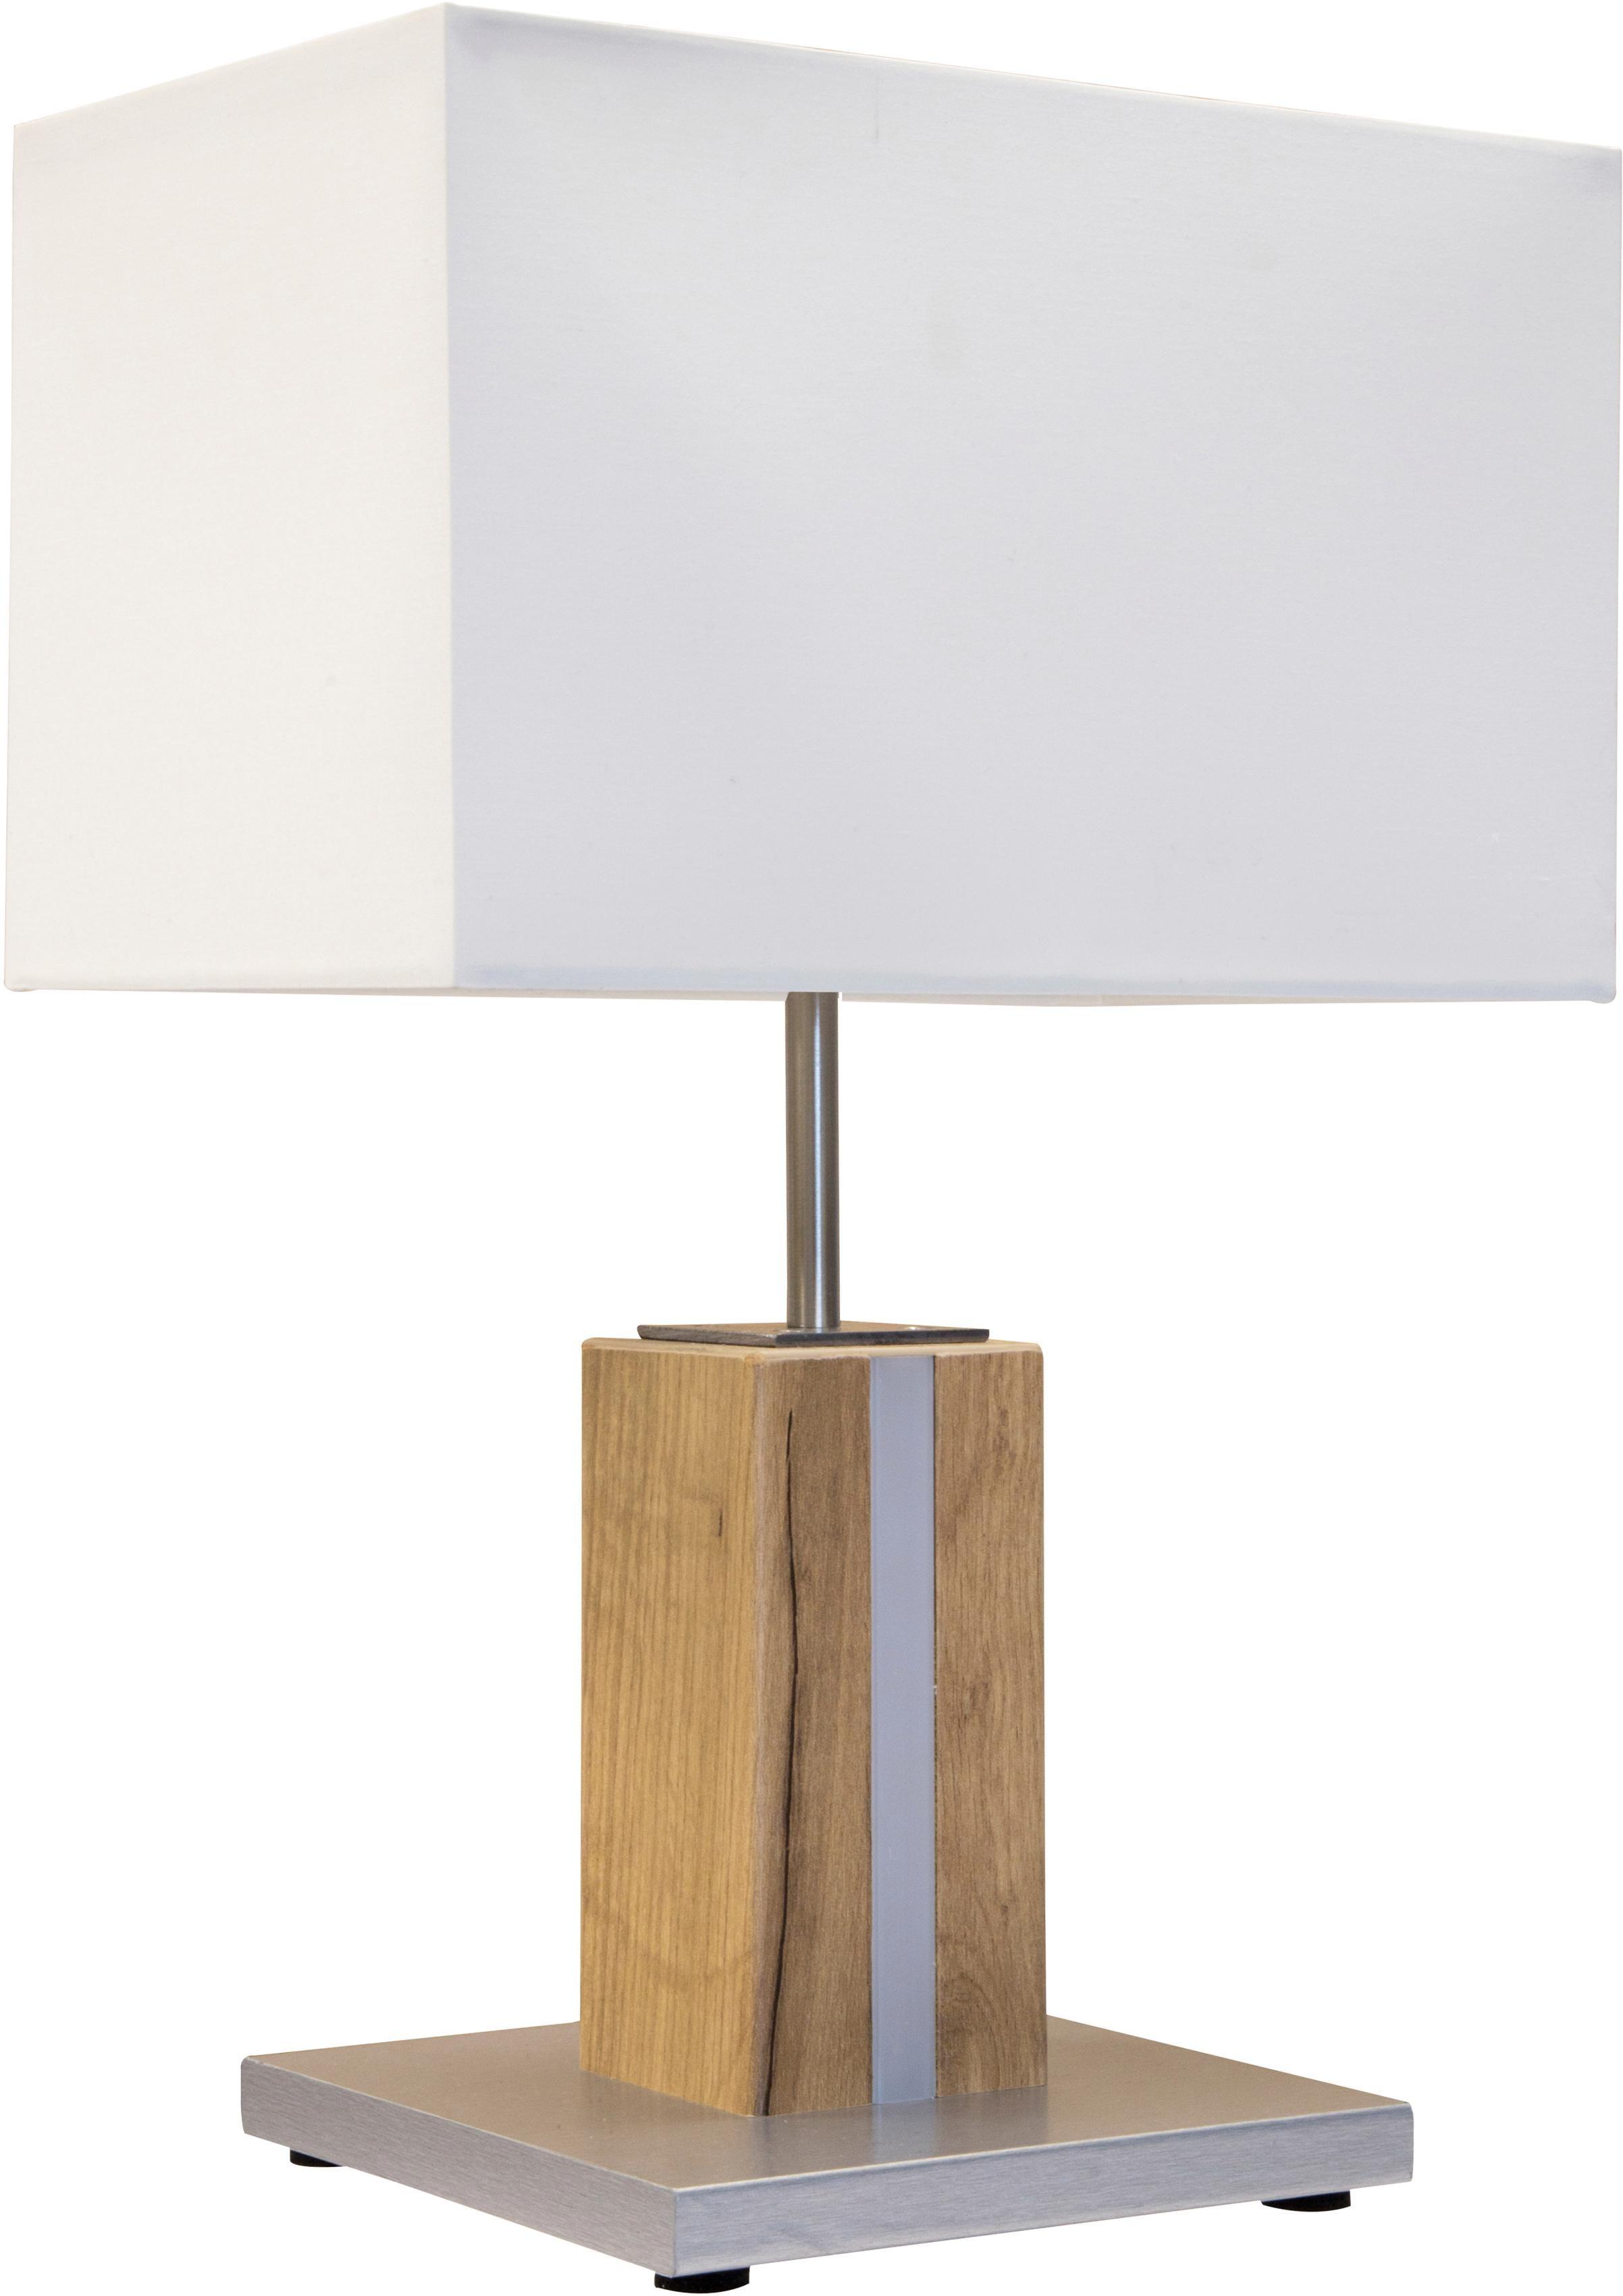 Nino Leuchten LED Tischleuchte FOREST, LED-Board, Warmweiß